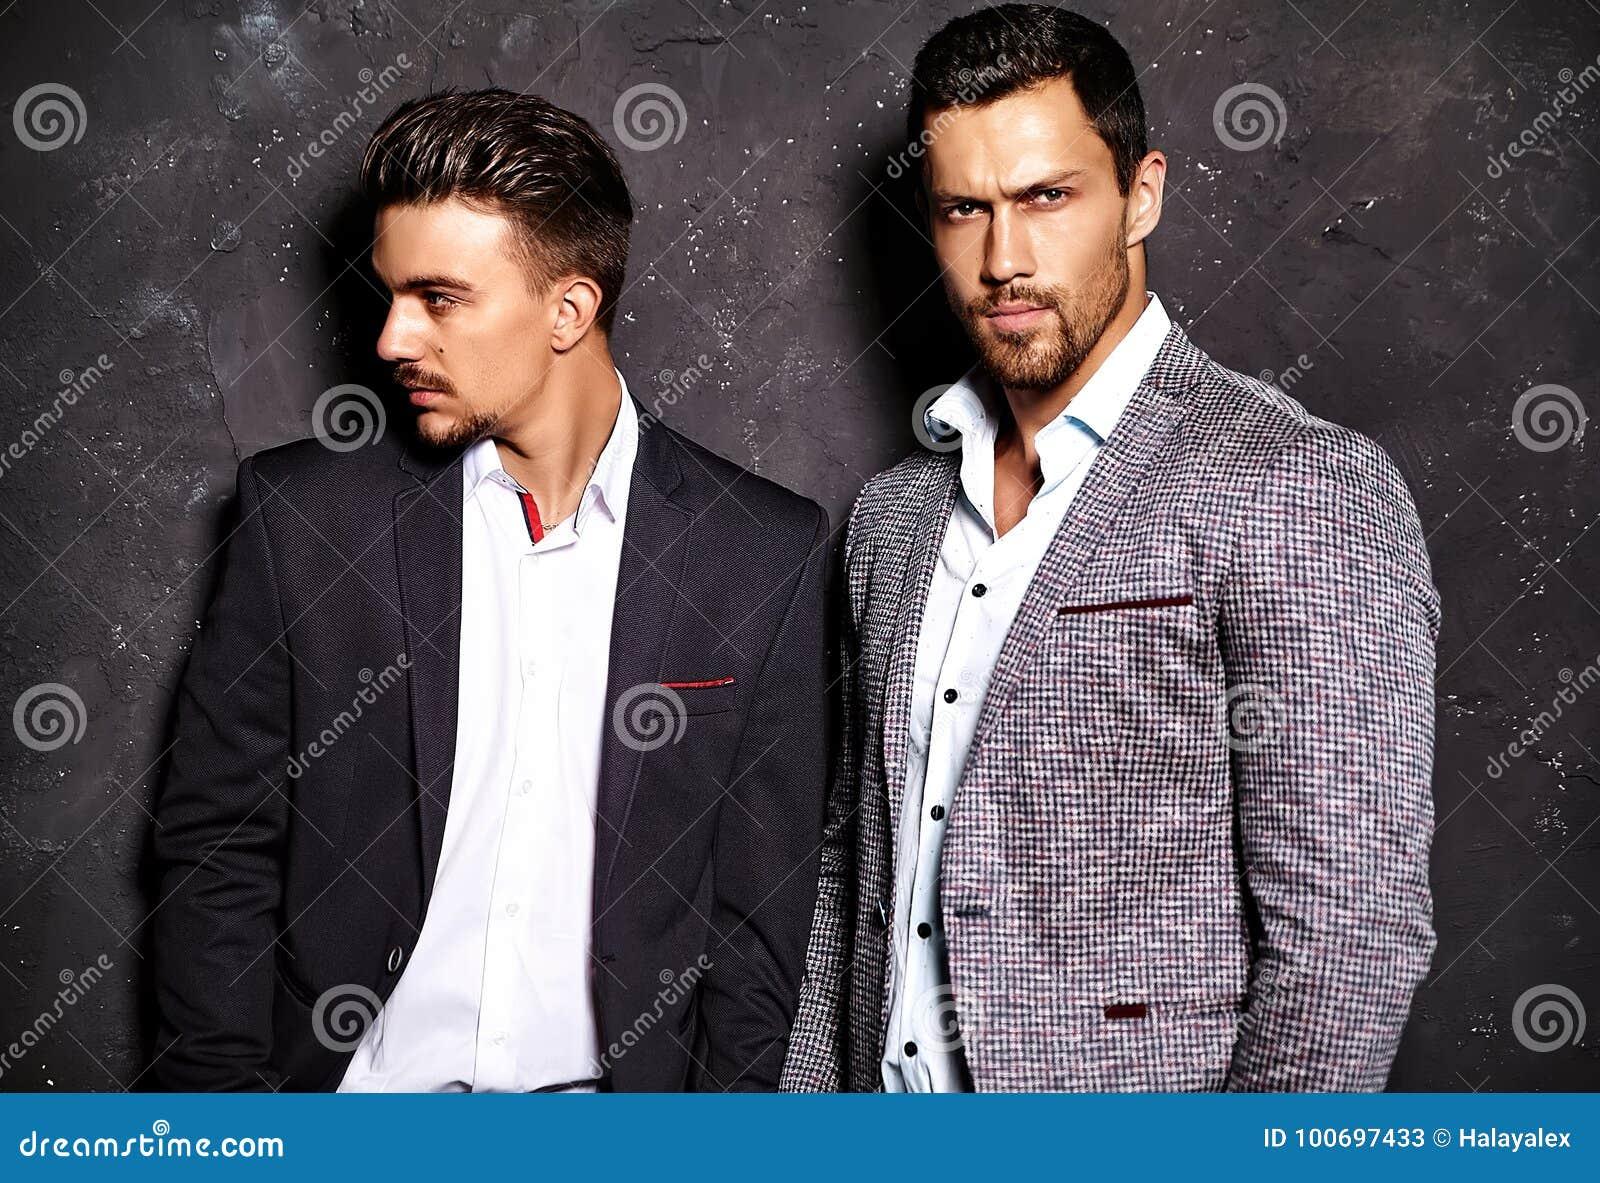 两性感的英俊的时尚男性塑造在典雅的衣服打扮的人